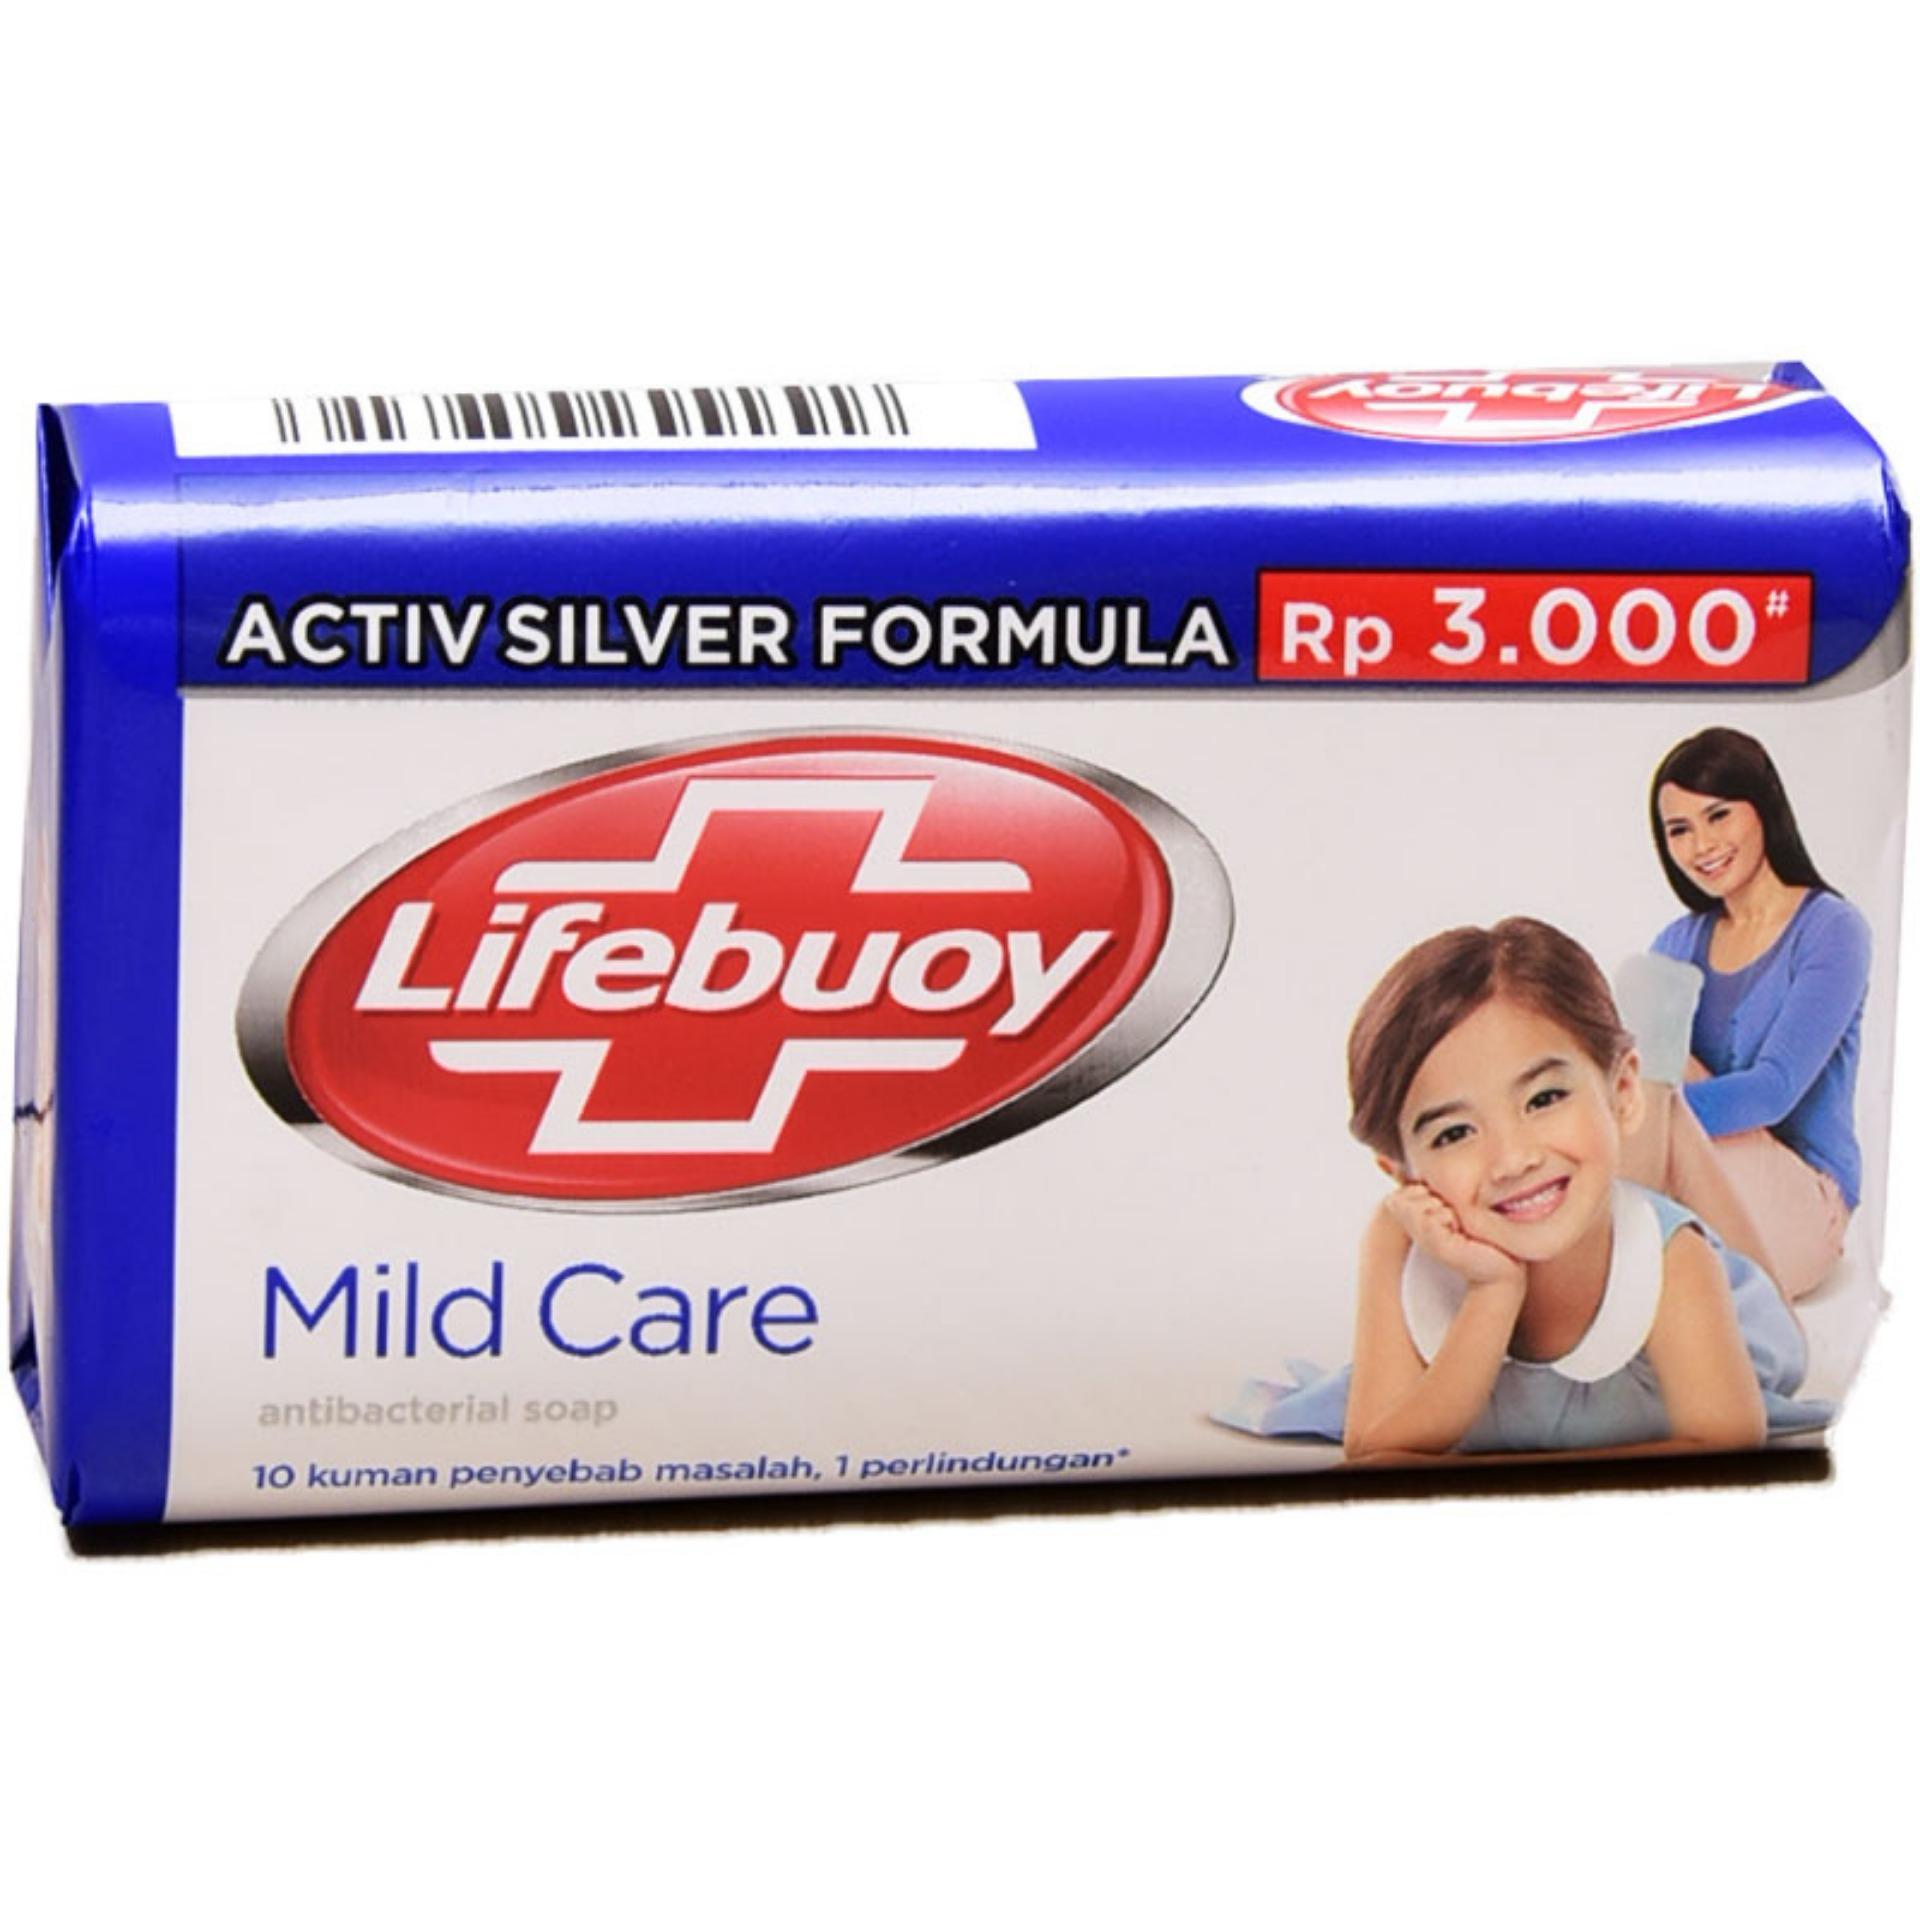 Lifebuoy Sabun Cair Mild Care Pump 500ml Spec Dan Daftar Harga Ts Total10 85g Detail Gambar Lifebouy Terbaru